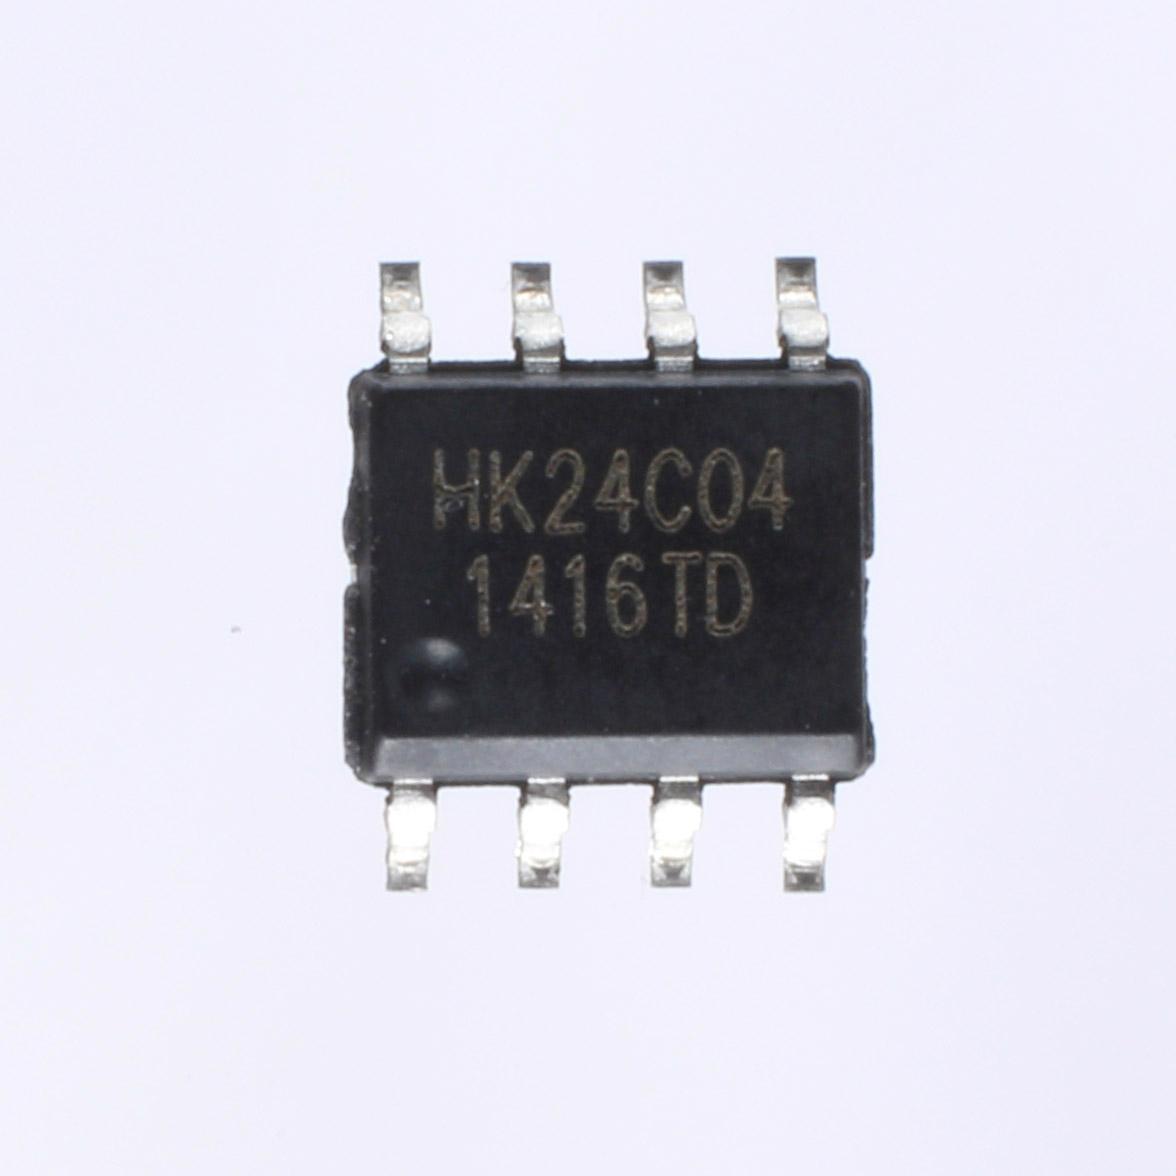 EEPROM 24C04 1